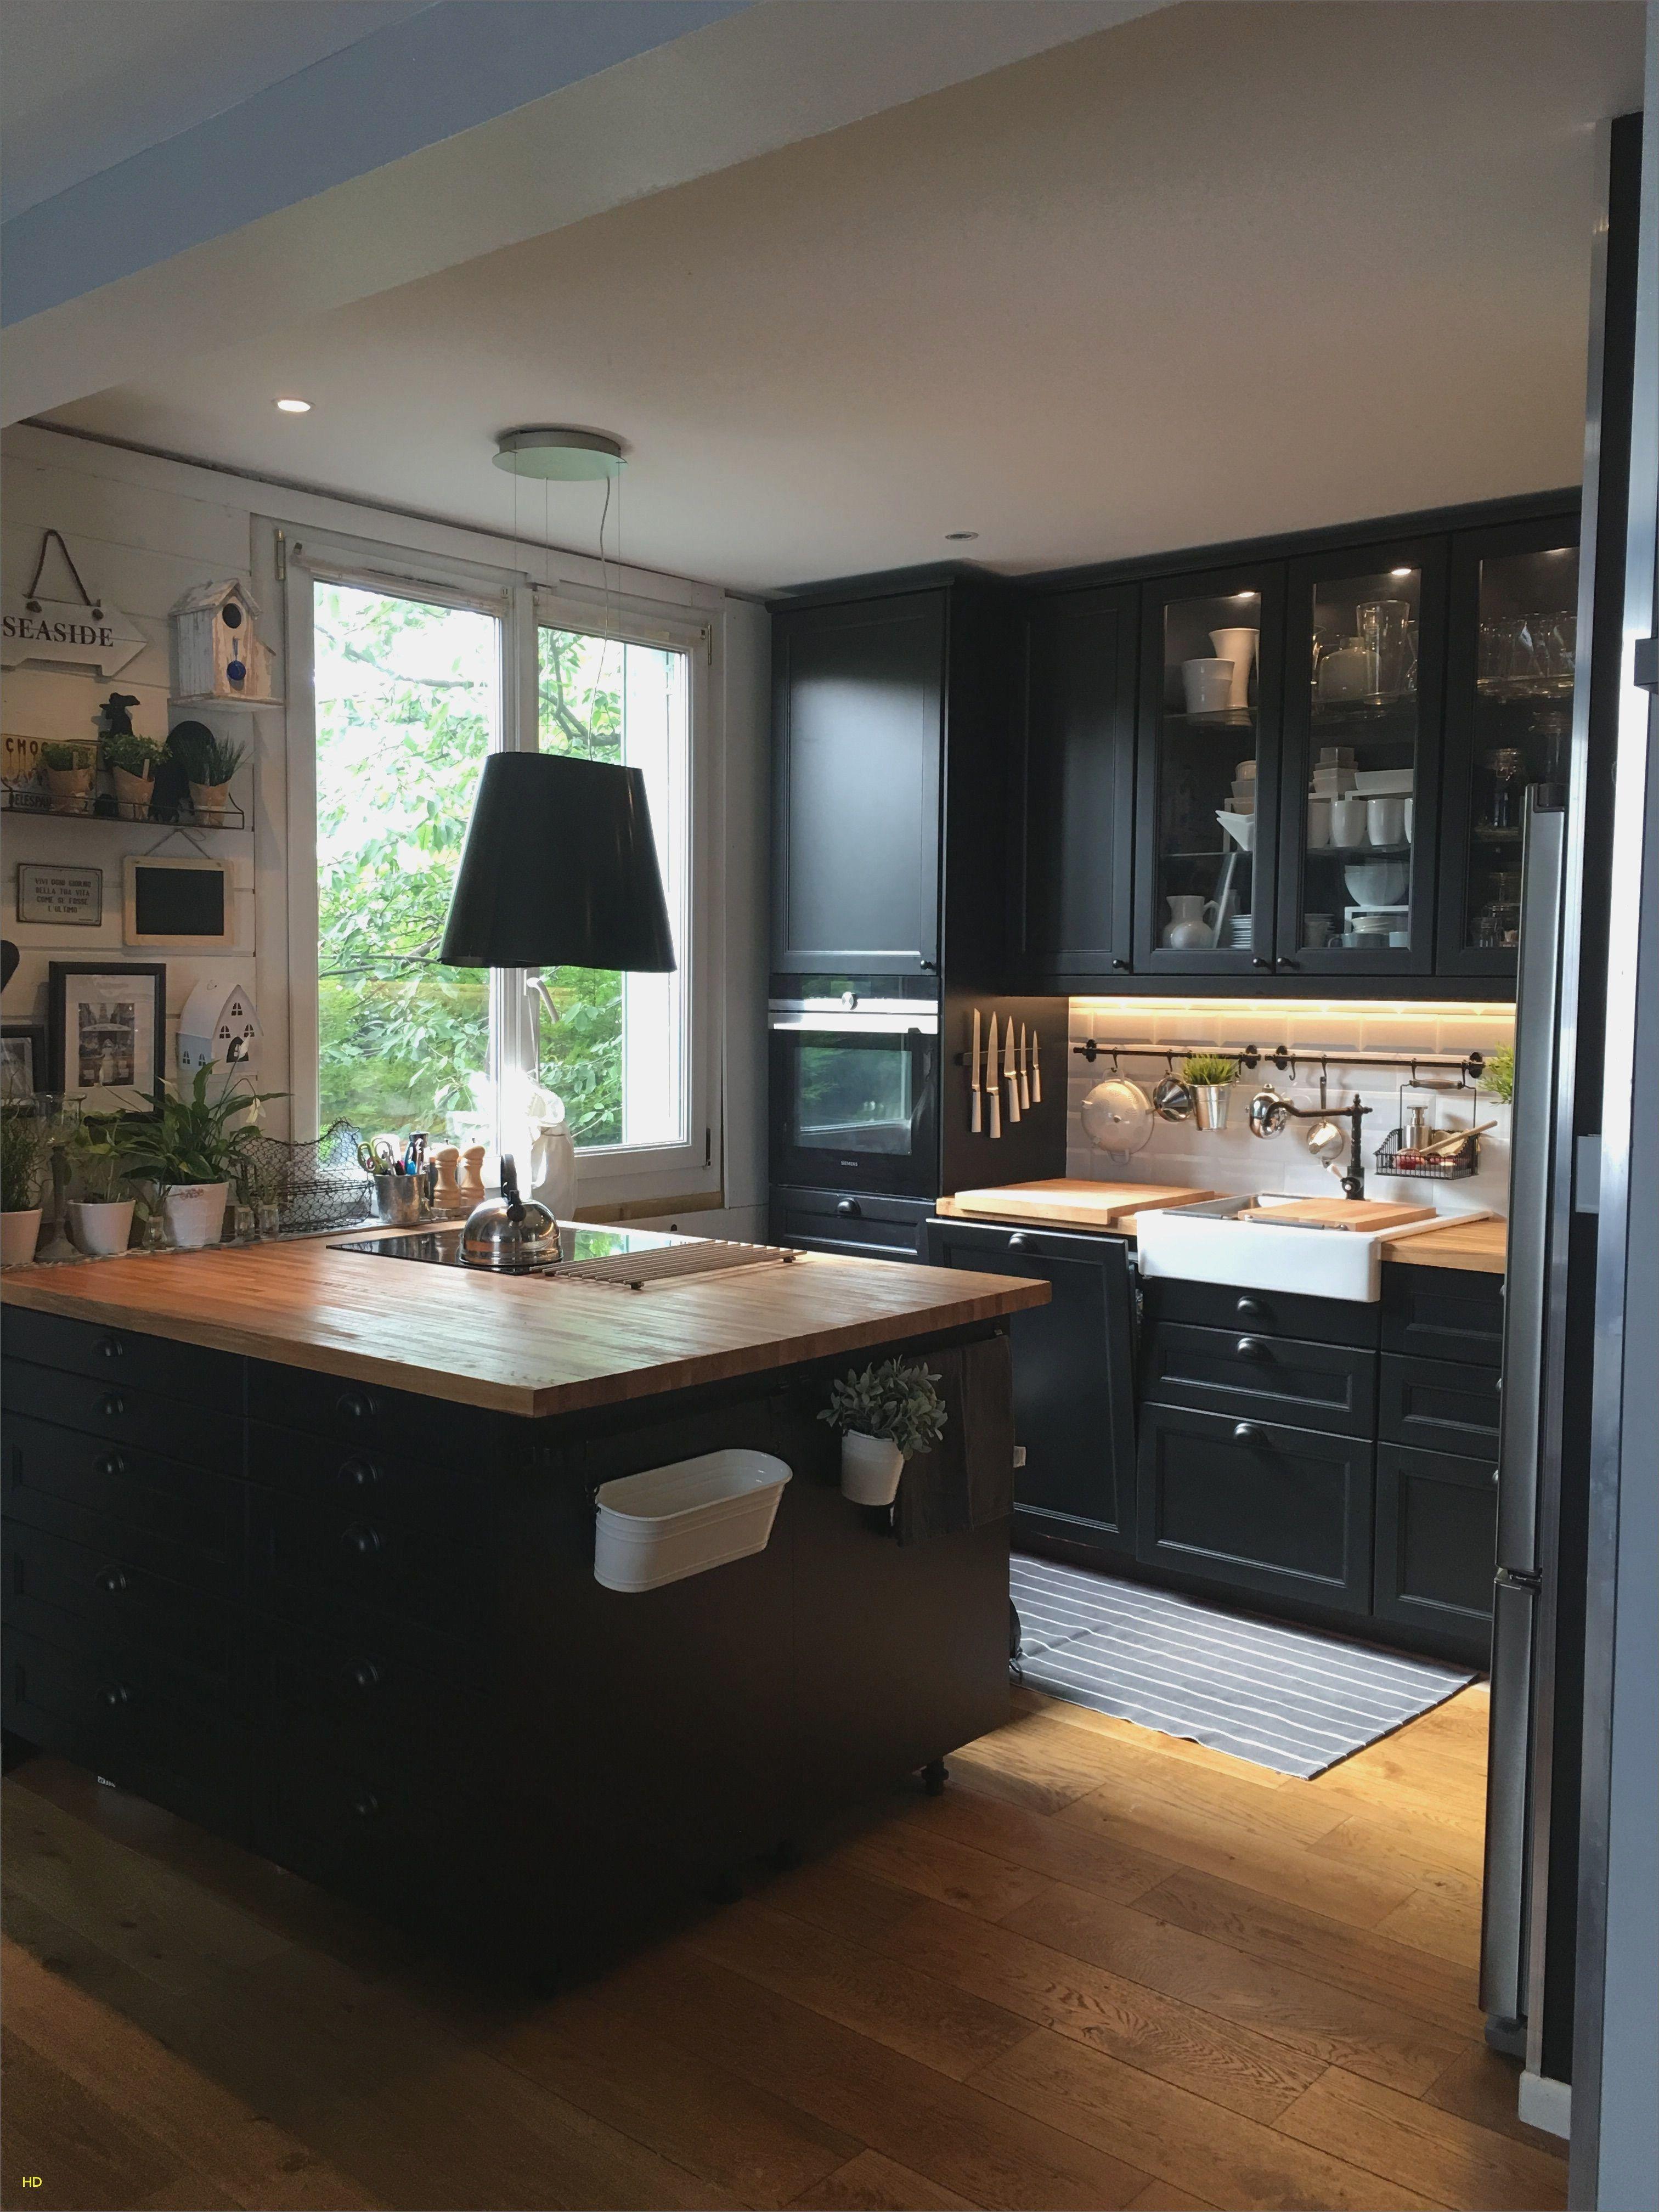 Best Of Cuisine Noir Et Plan De Travail Bois Cuisine Ikea Noire